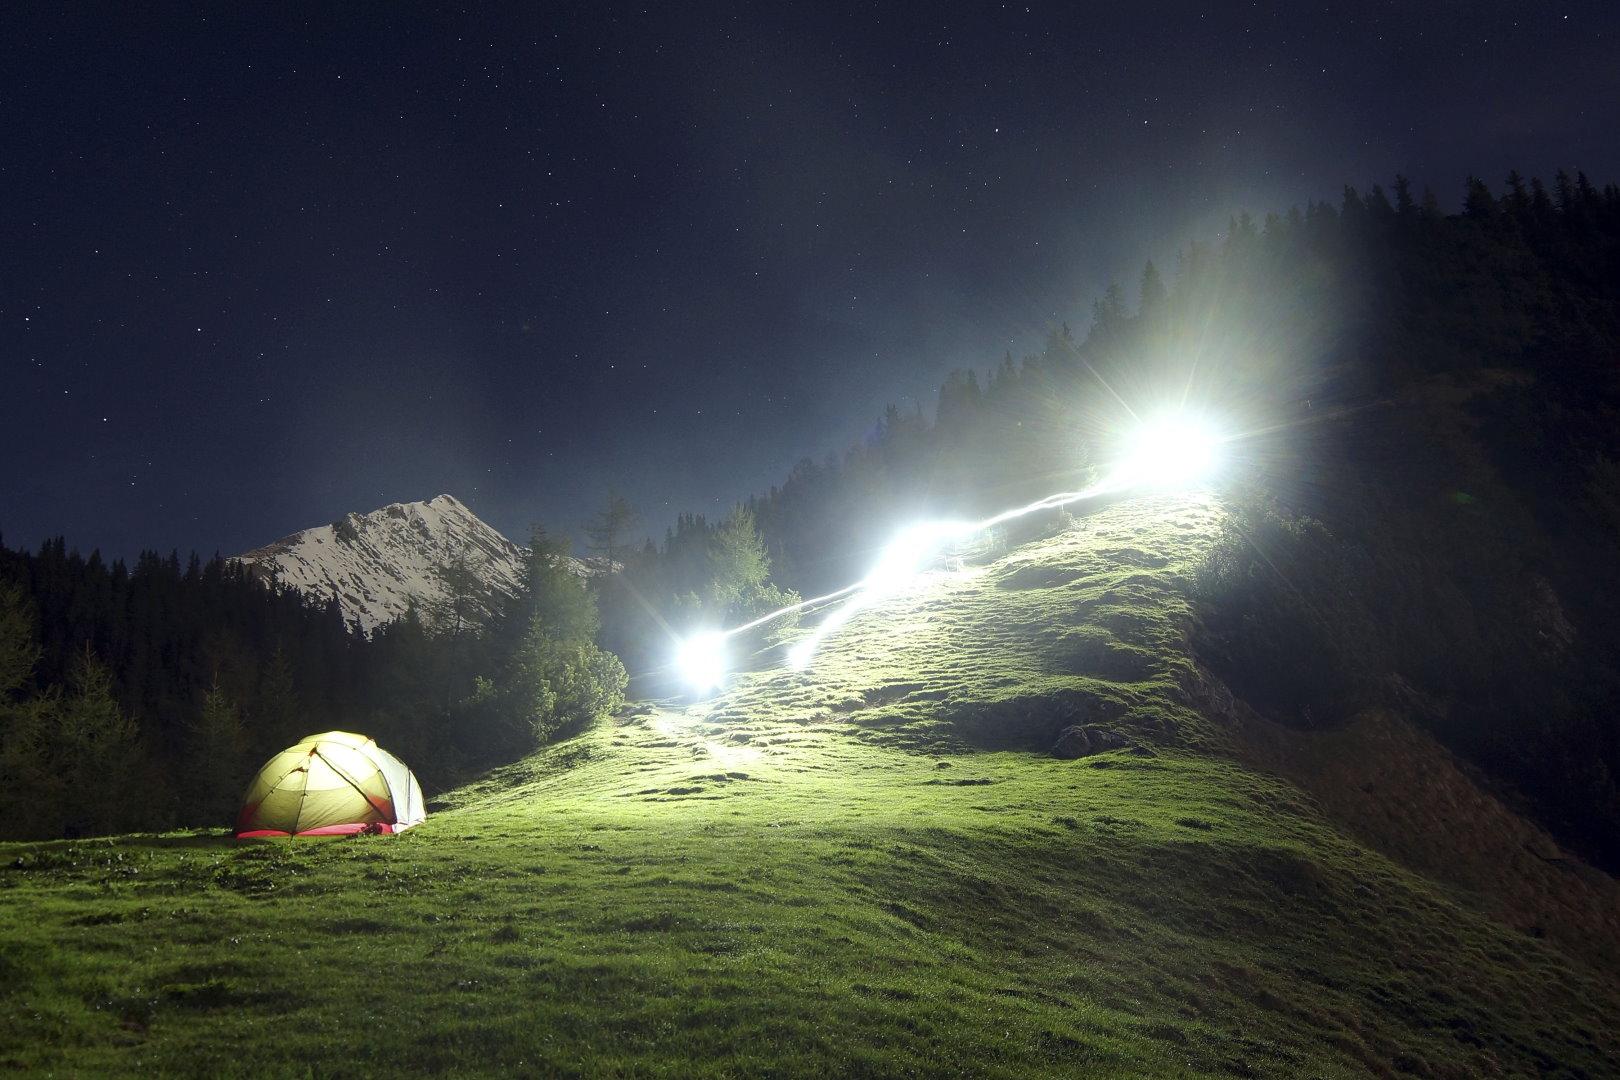 Erleuchtetes Zelt bei Nacht mit großen Scheinwerfern im Gebirge